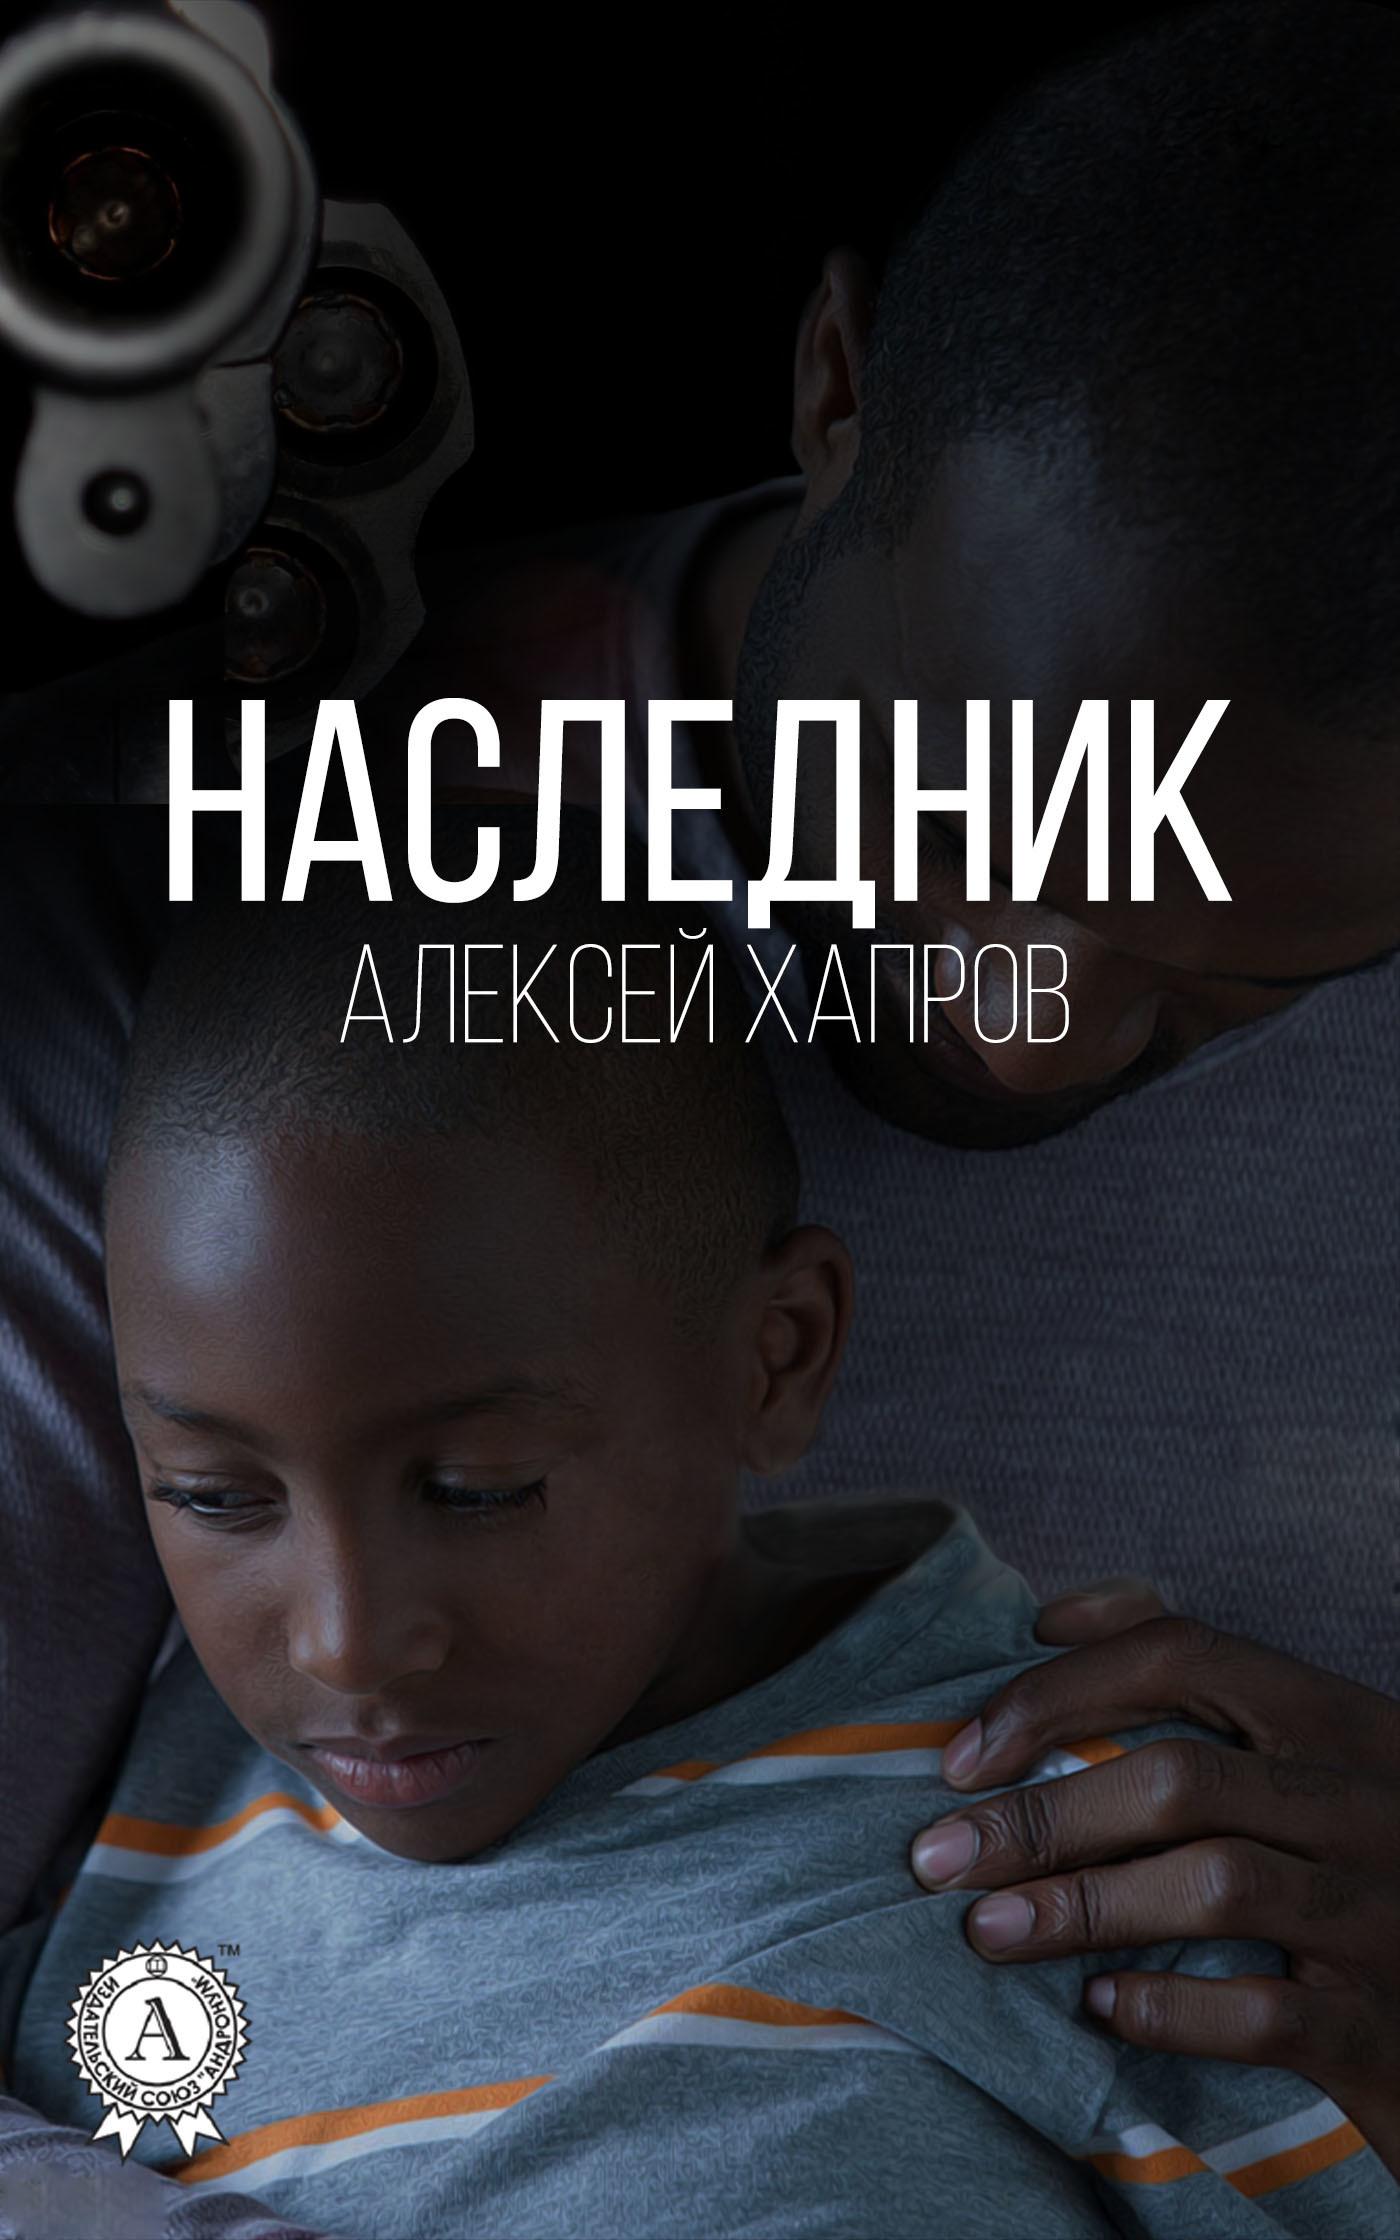 Алексей Викторович Хапров Наследник алексей исаев котлы 41 го история вов которую мы не знали